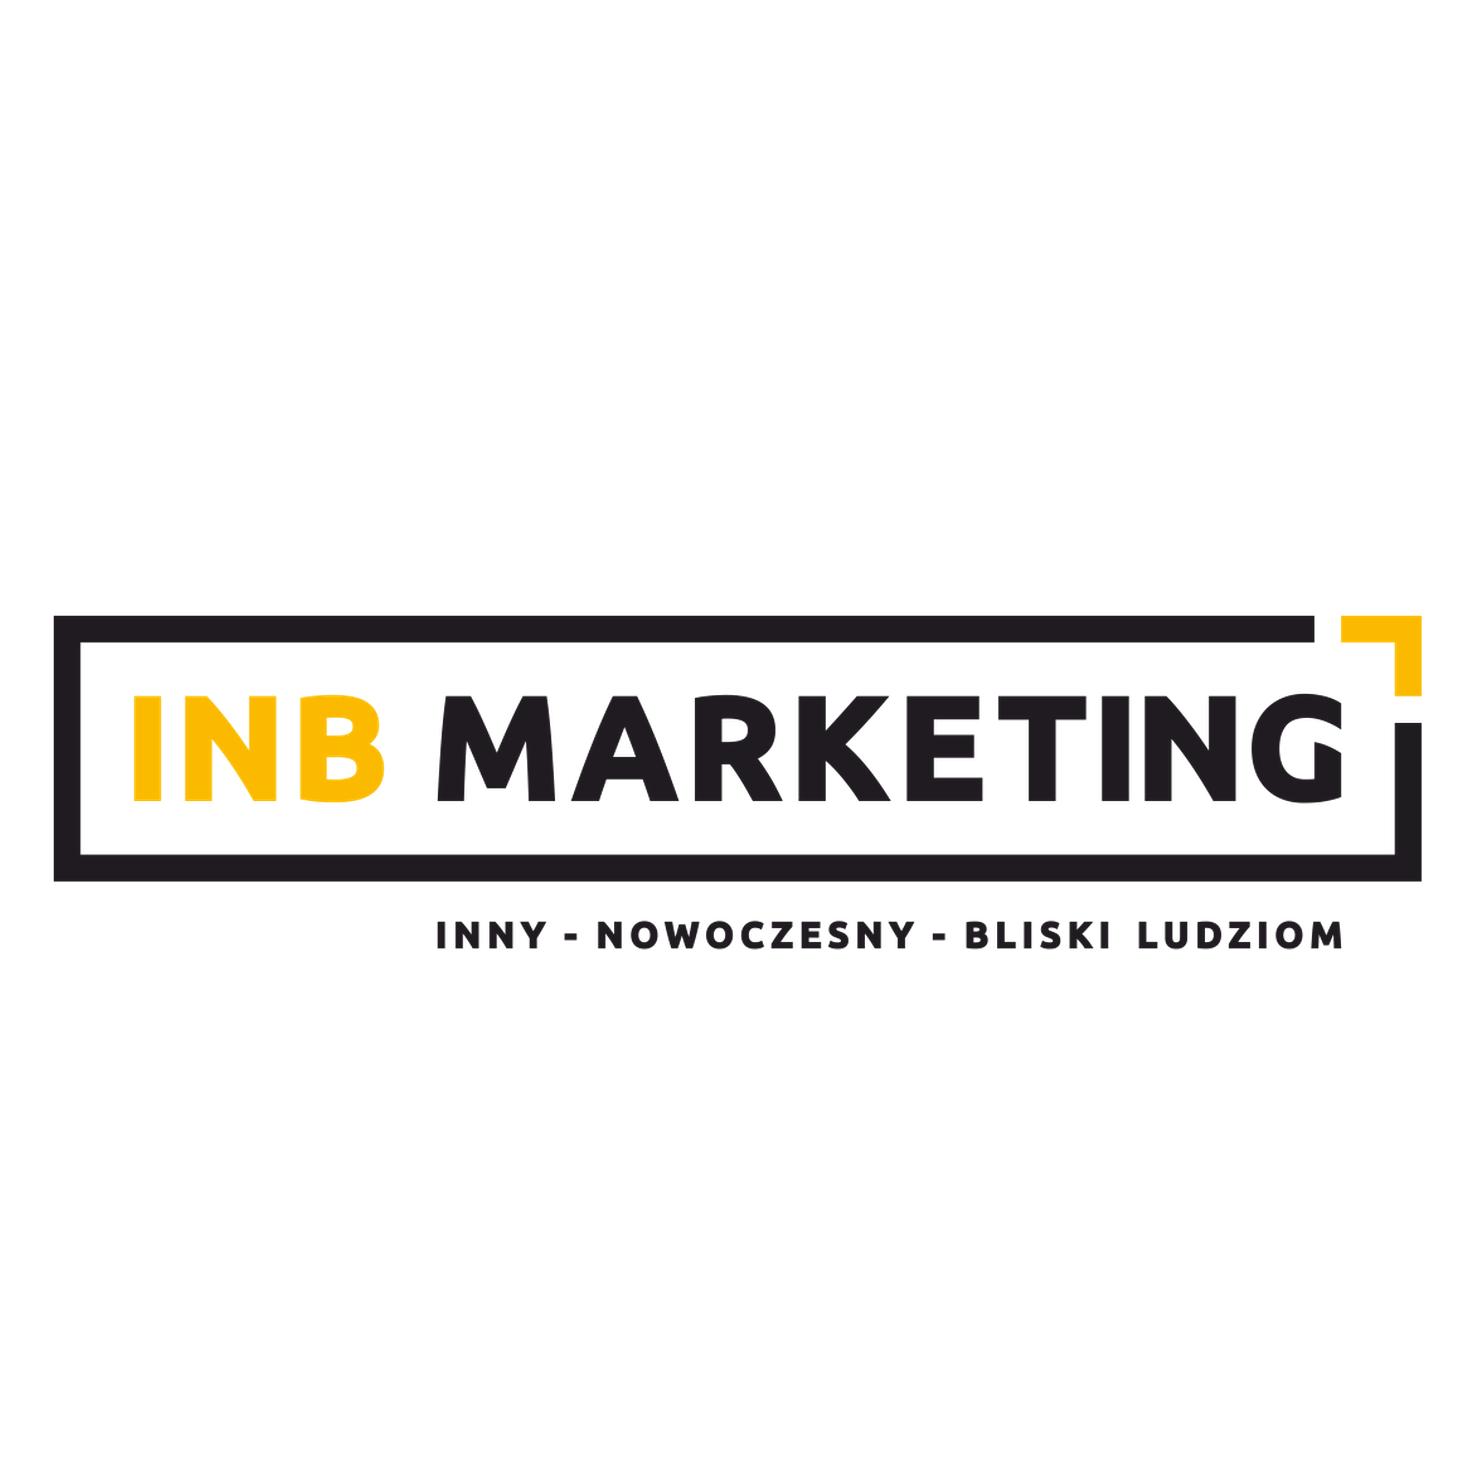 INB Marketing